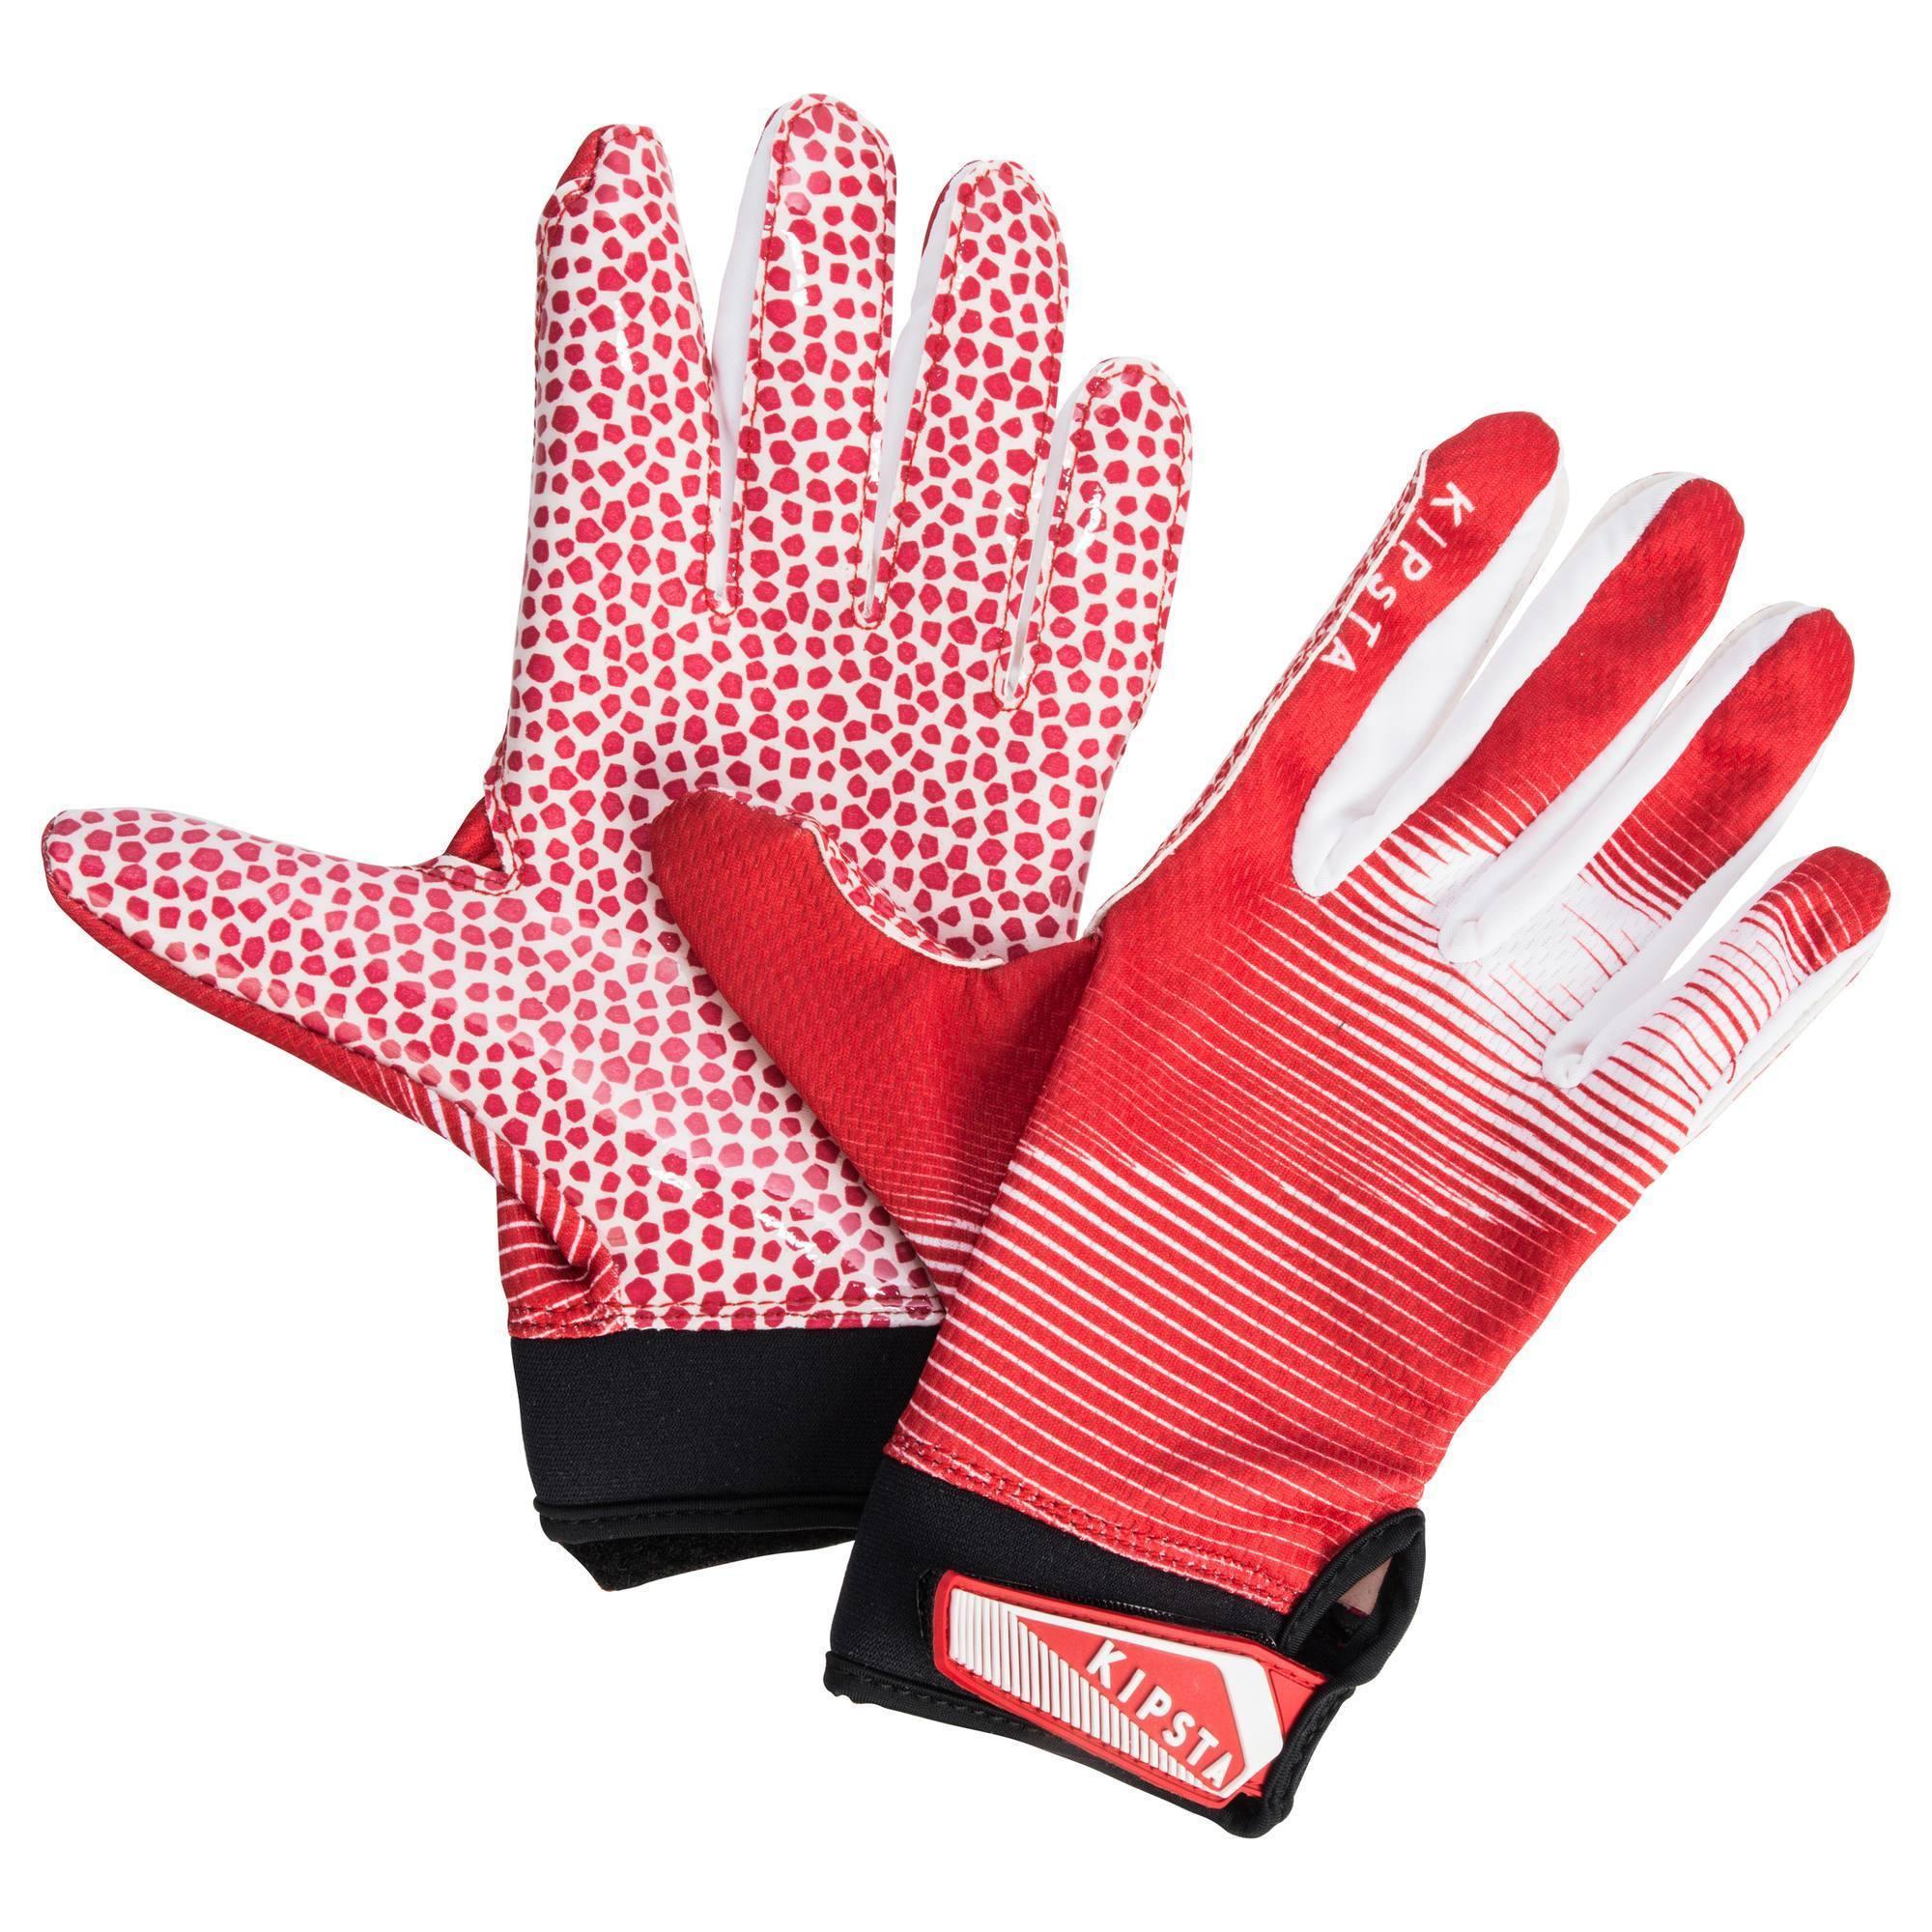 Gants de football américain AF 500 pour receveur adultes rouges et blancs